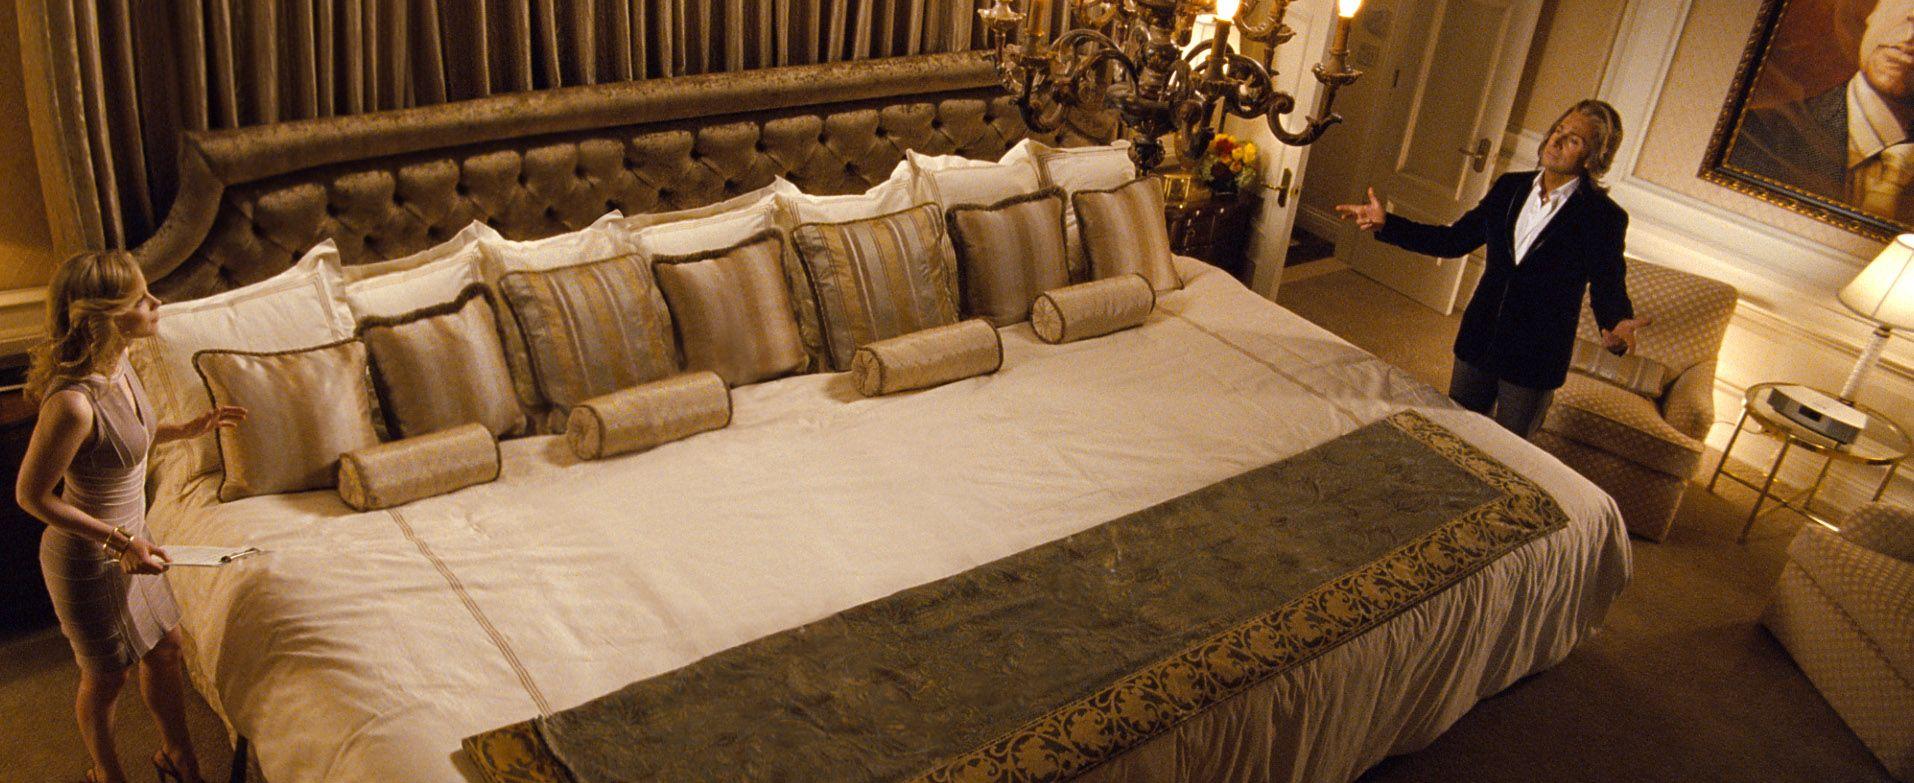 Bedroom Sets Las Vegas The Incredible Burt Wonderstone Images Starring Steve